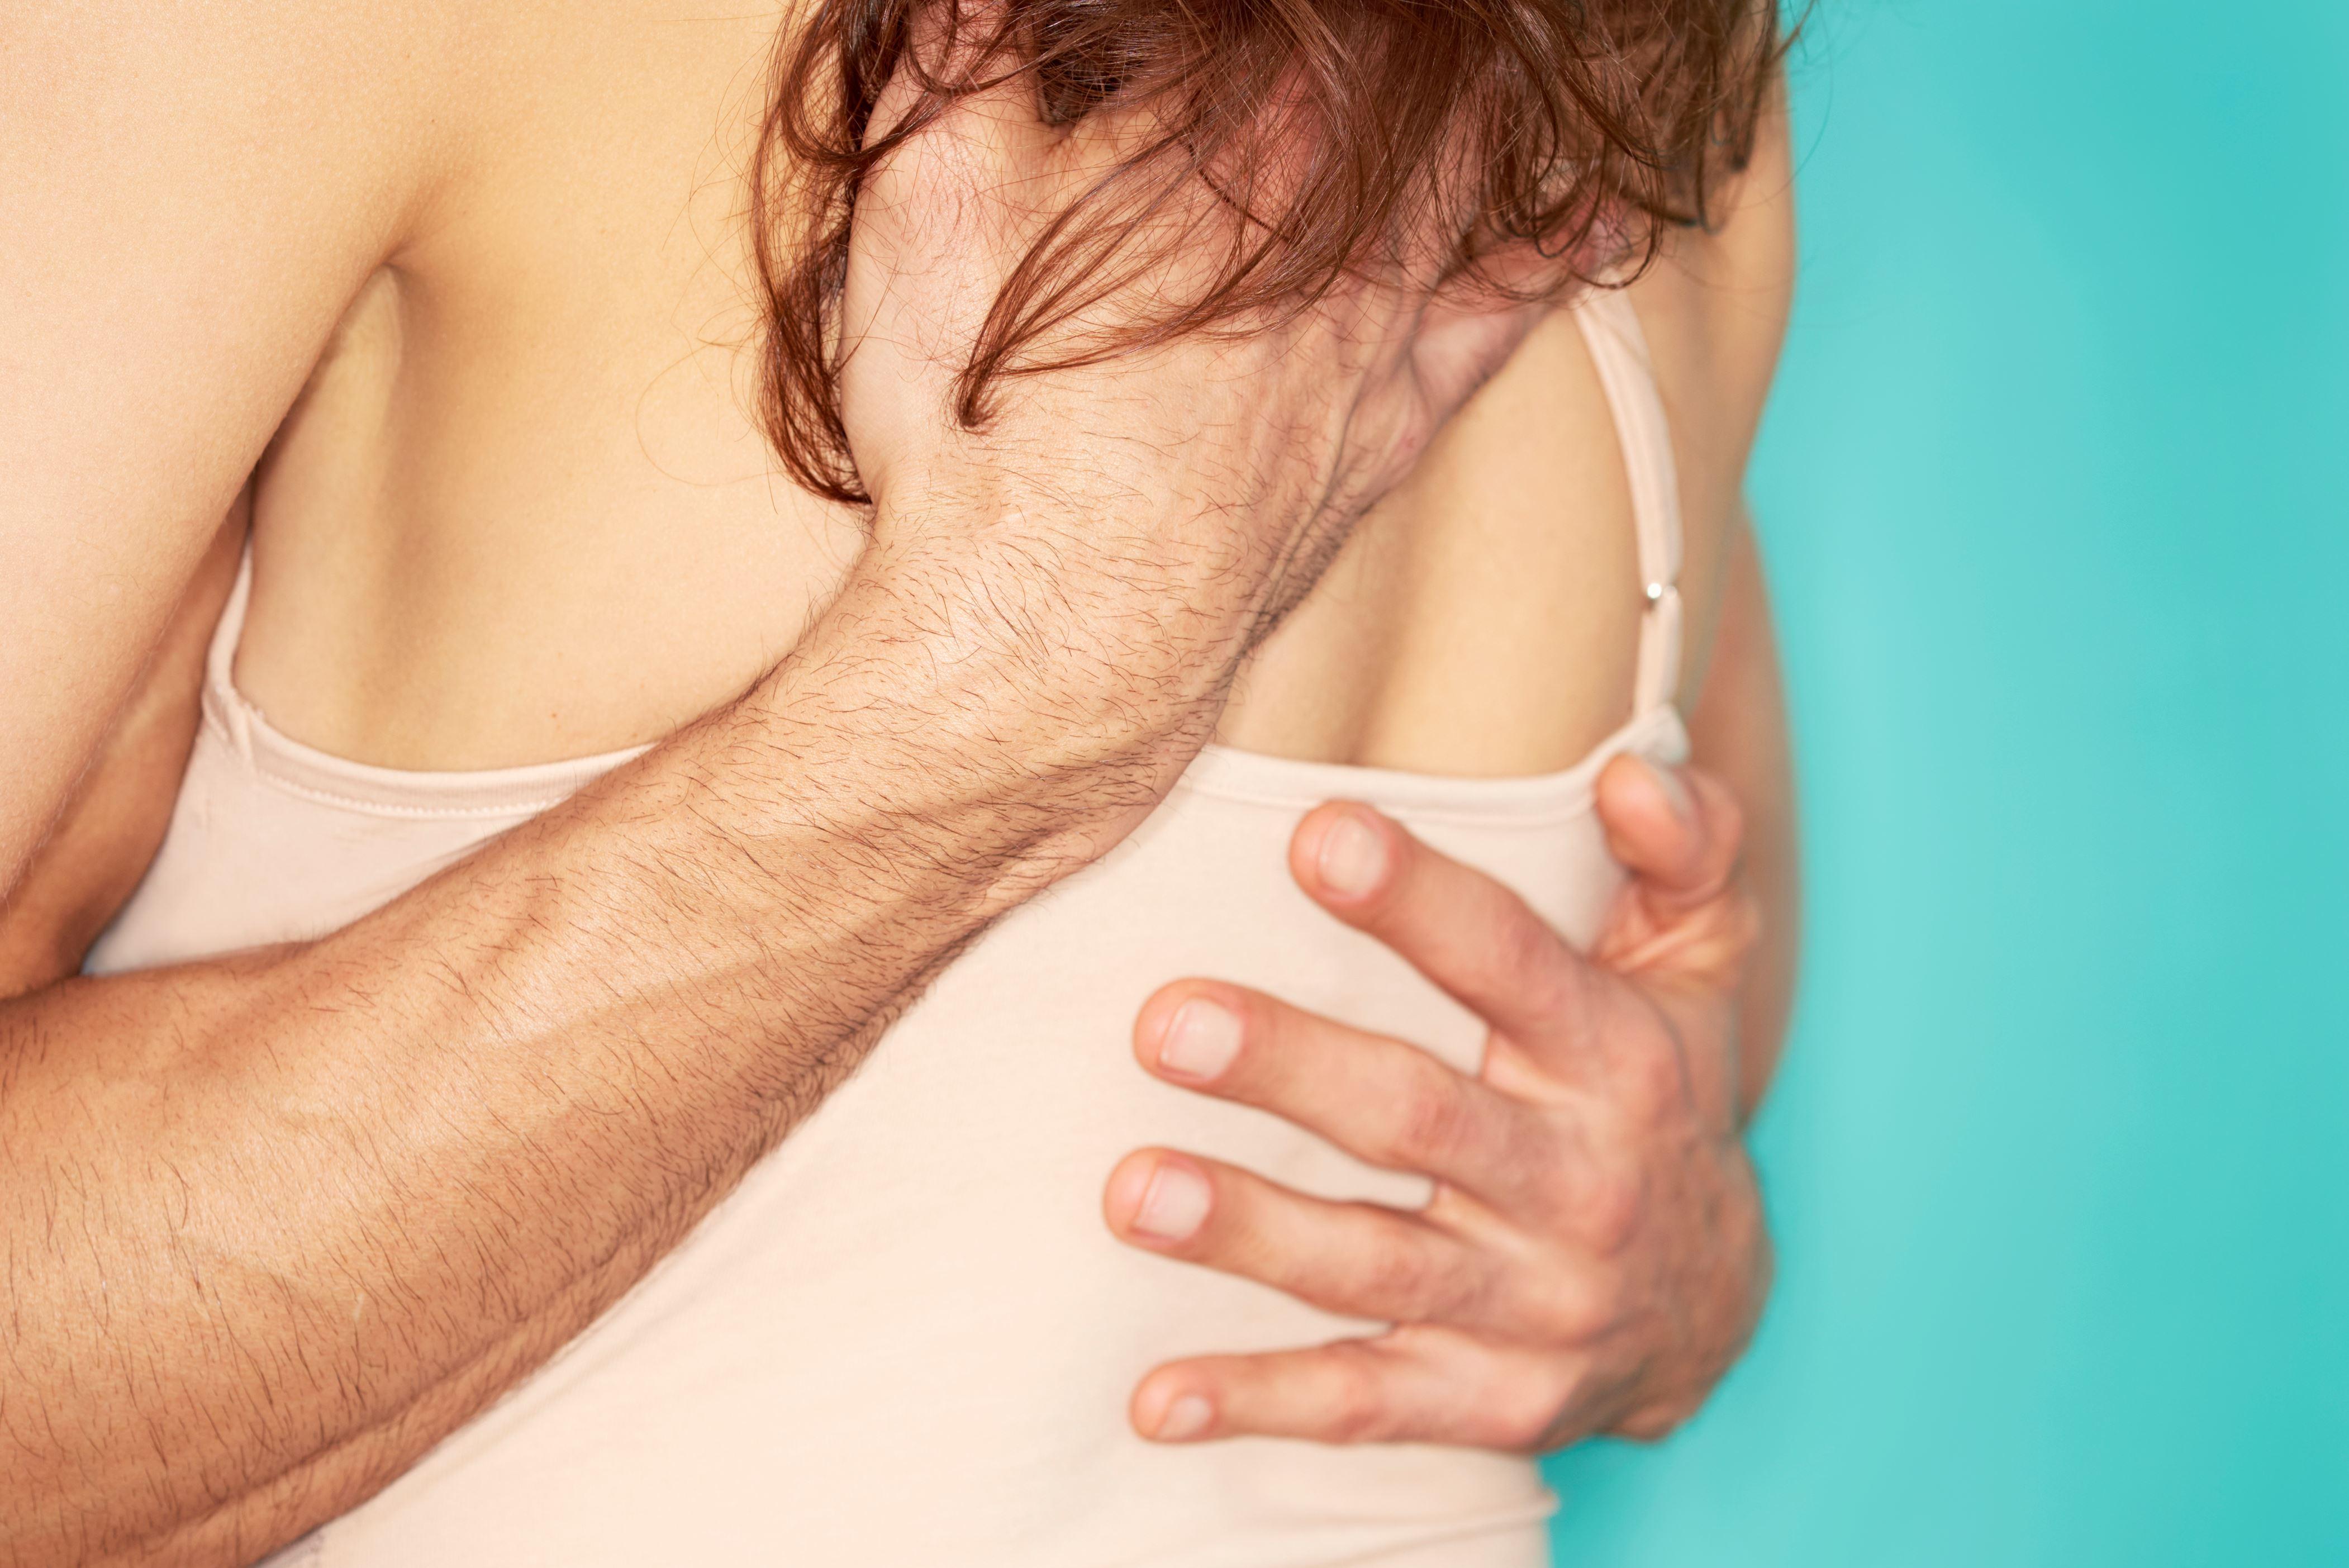 vapaa musta Seksi Elokuvat Download nainen porno kuvia